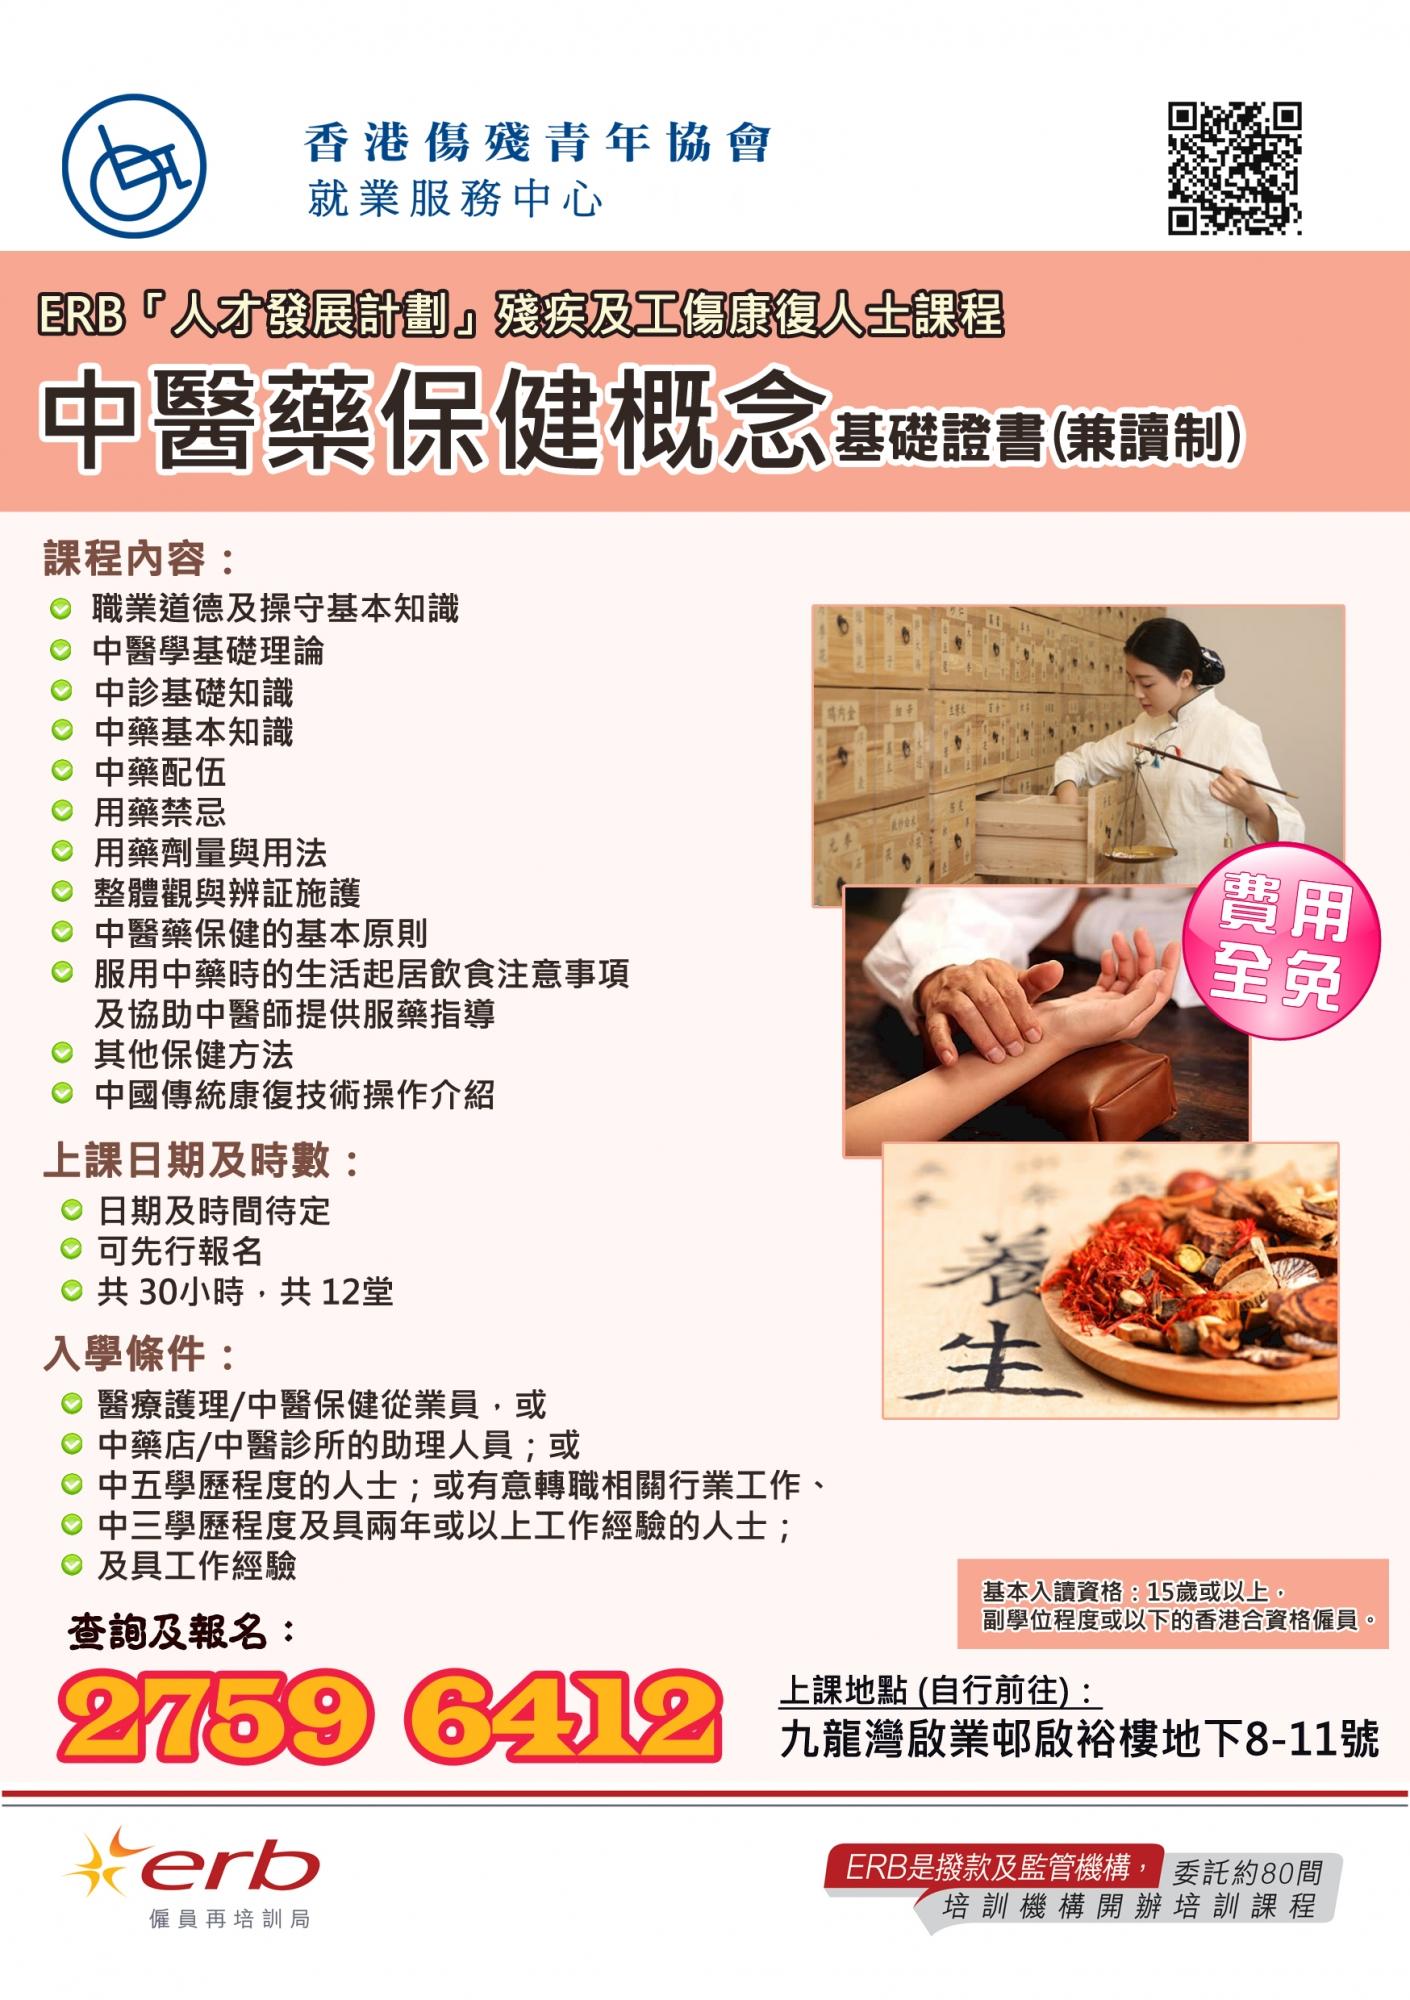 中医药保健概念基础证书(兼读制)